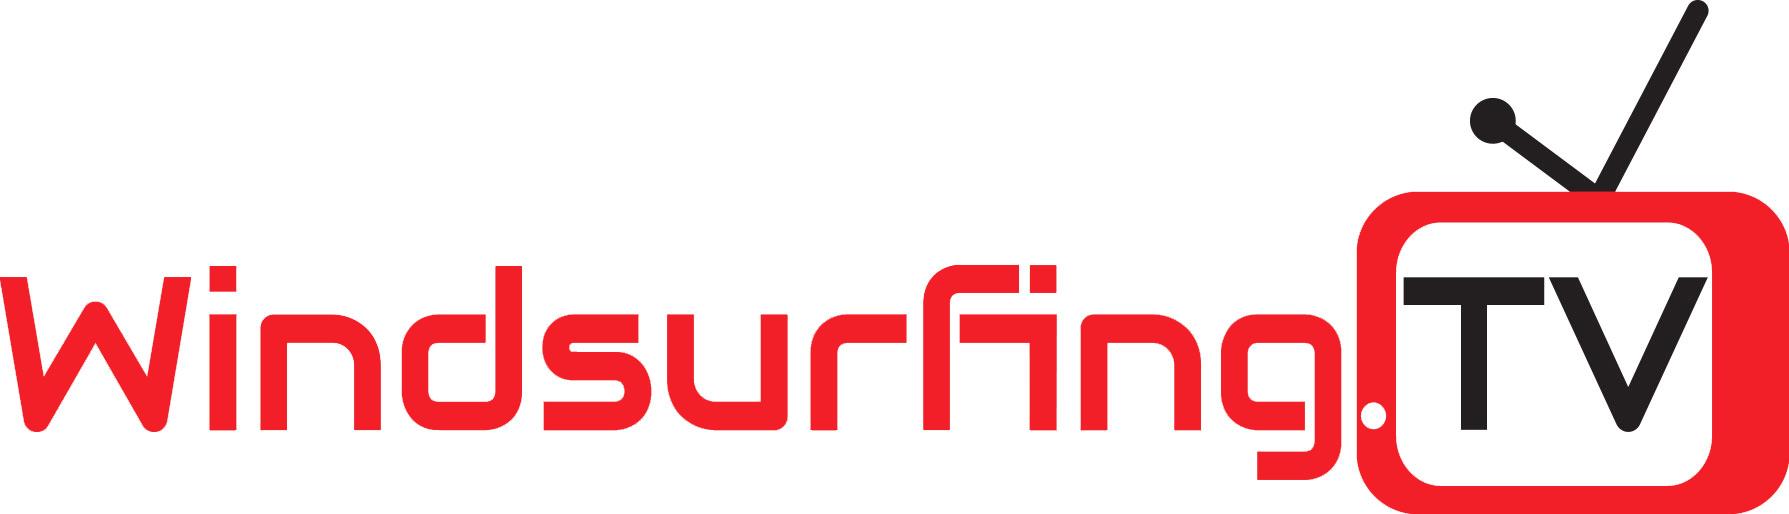 Windsurfing.tv